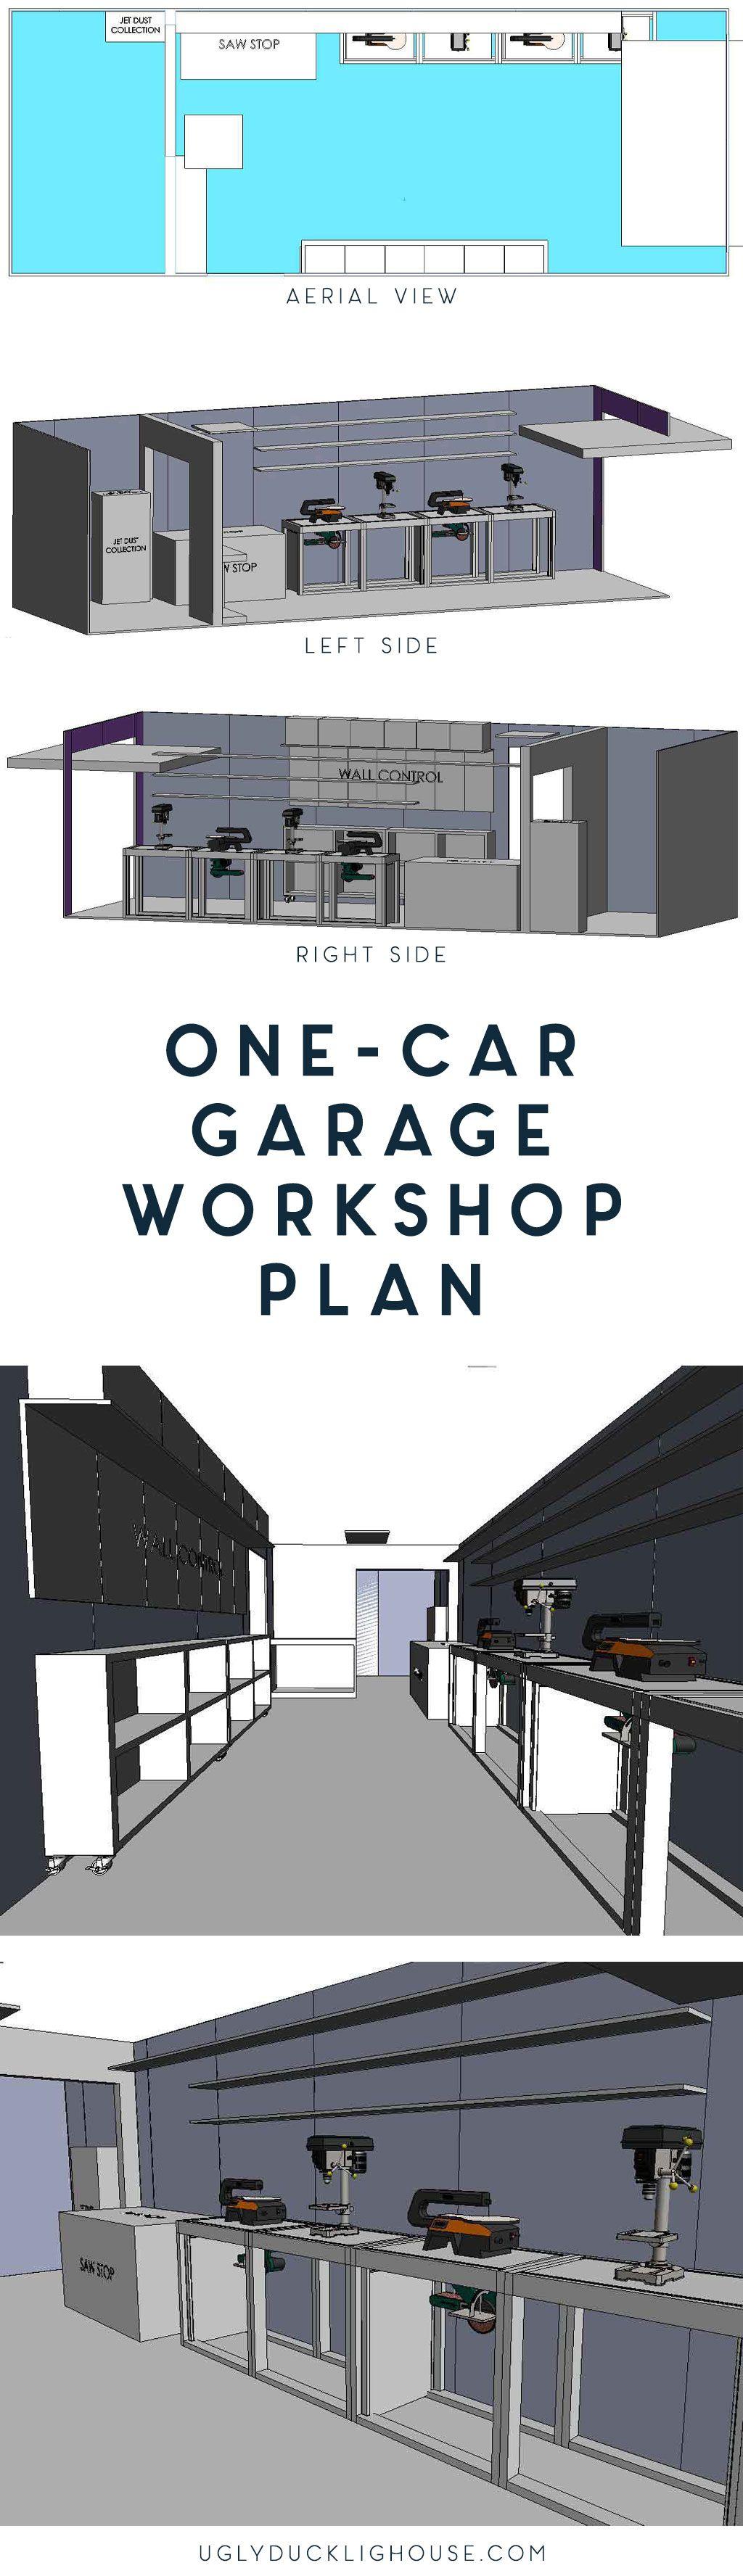 Photo of My One-Car Garage Workshop Plan